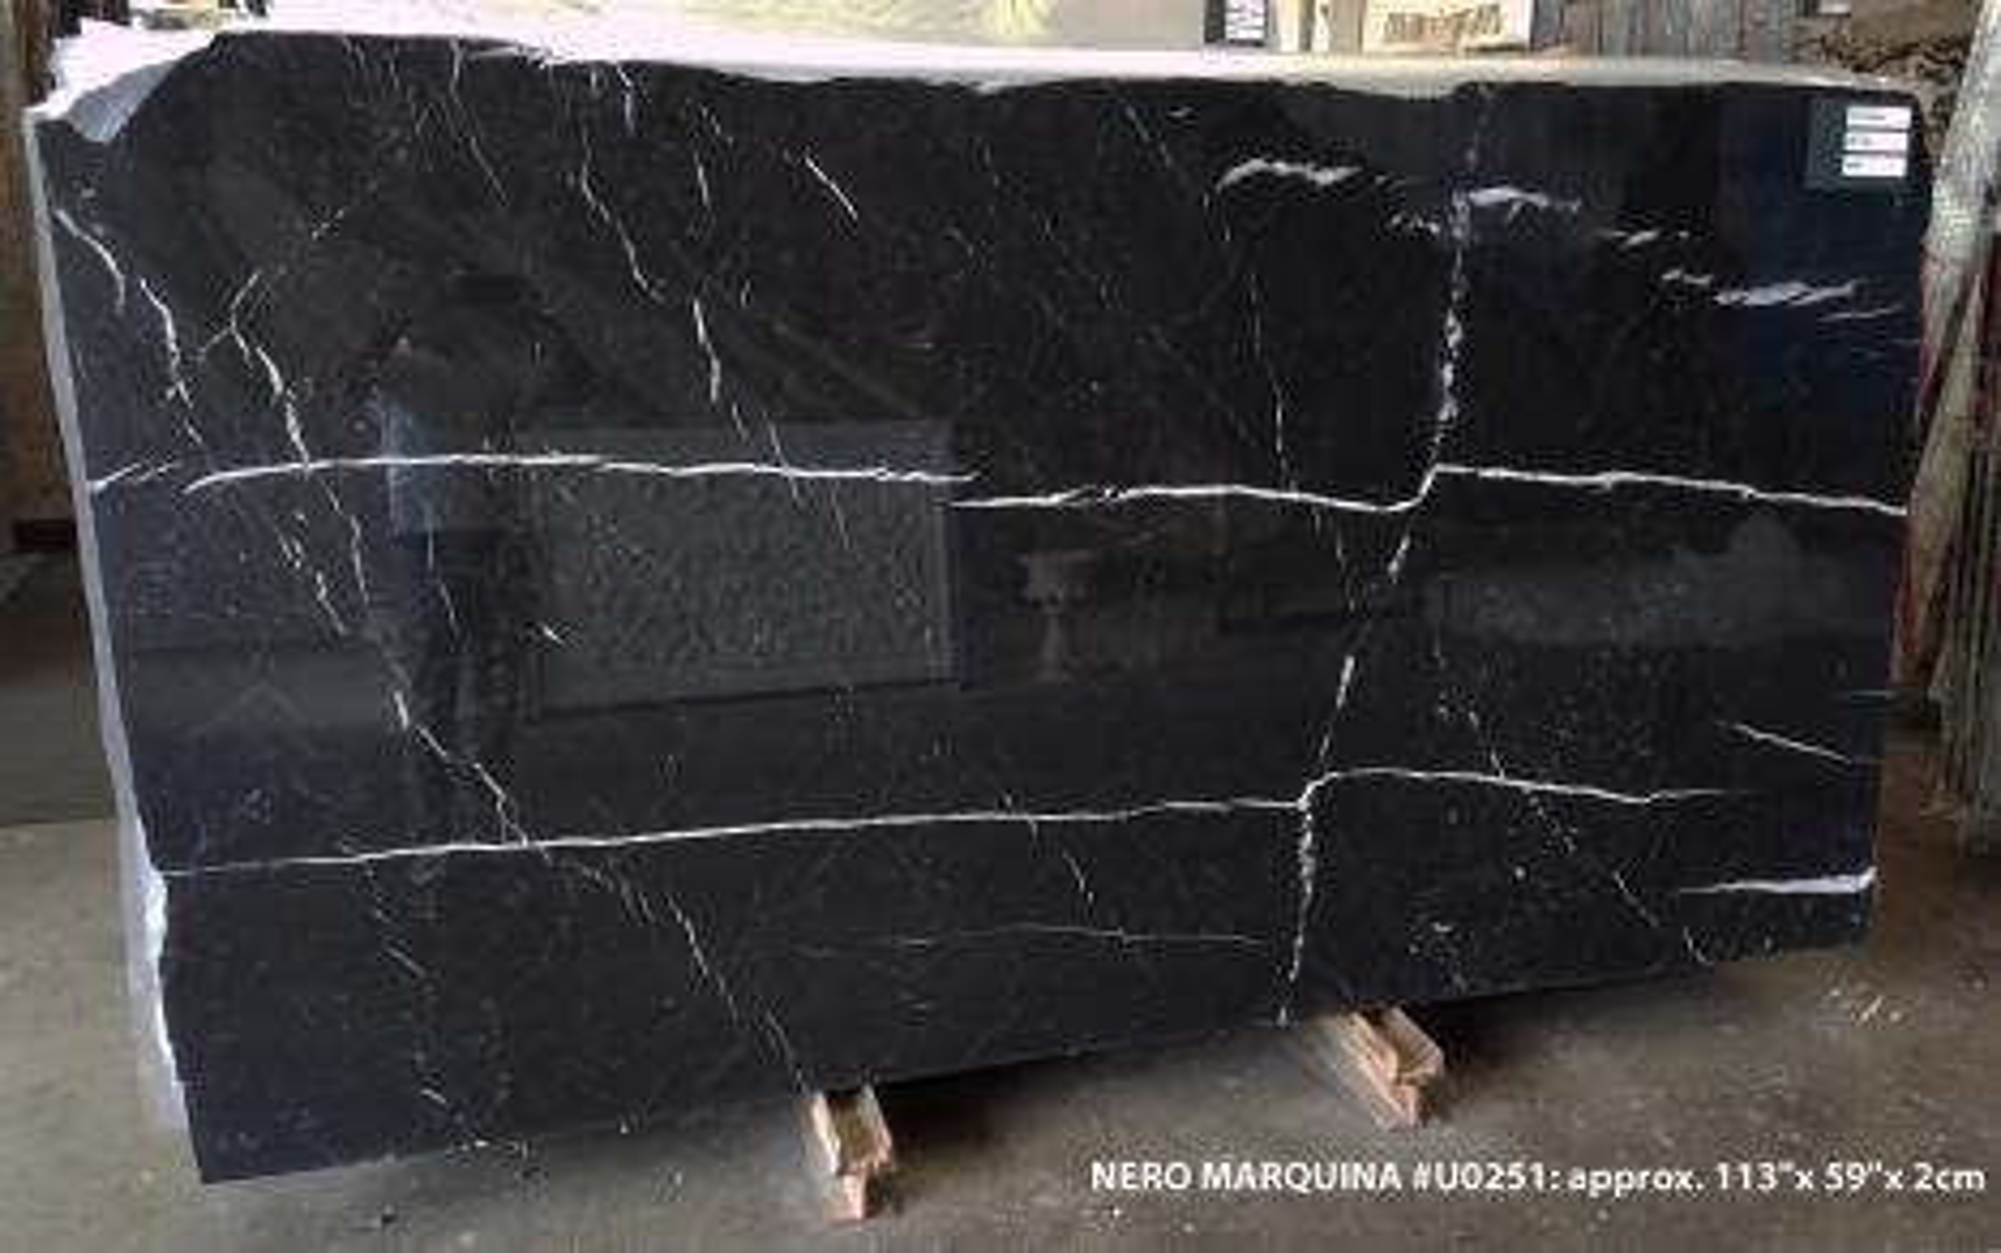 NERO MARQUINA Suministro Veneto (Italia) de planchas pulidas en mármol natural U0251 , SL2CM